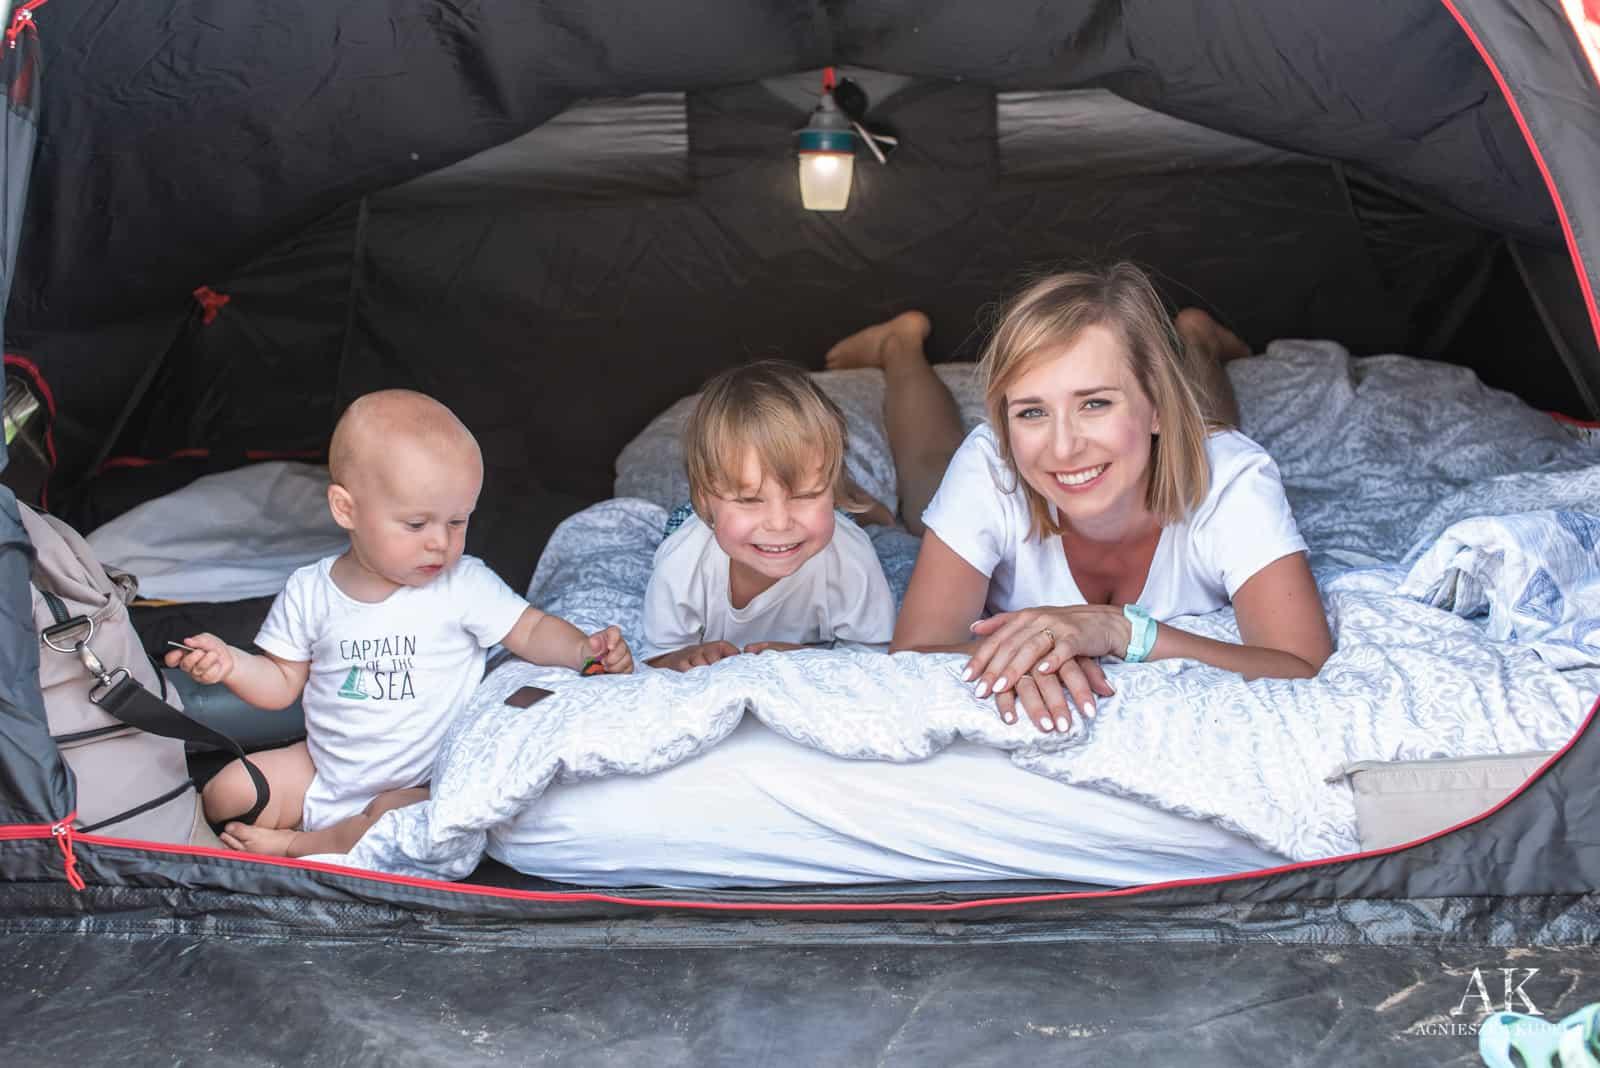 wakacje nad morzem z dzieckiem pod namiotem